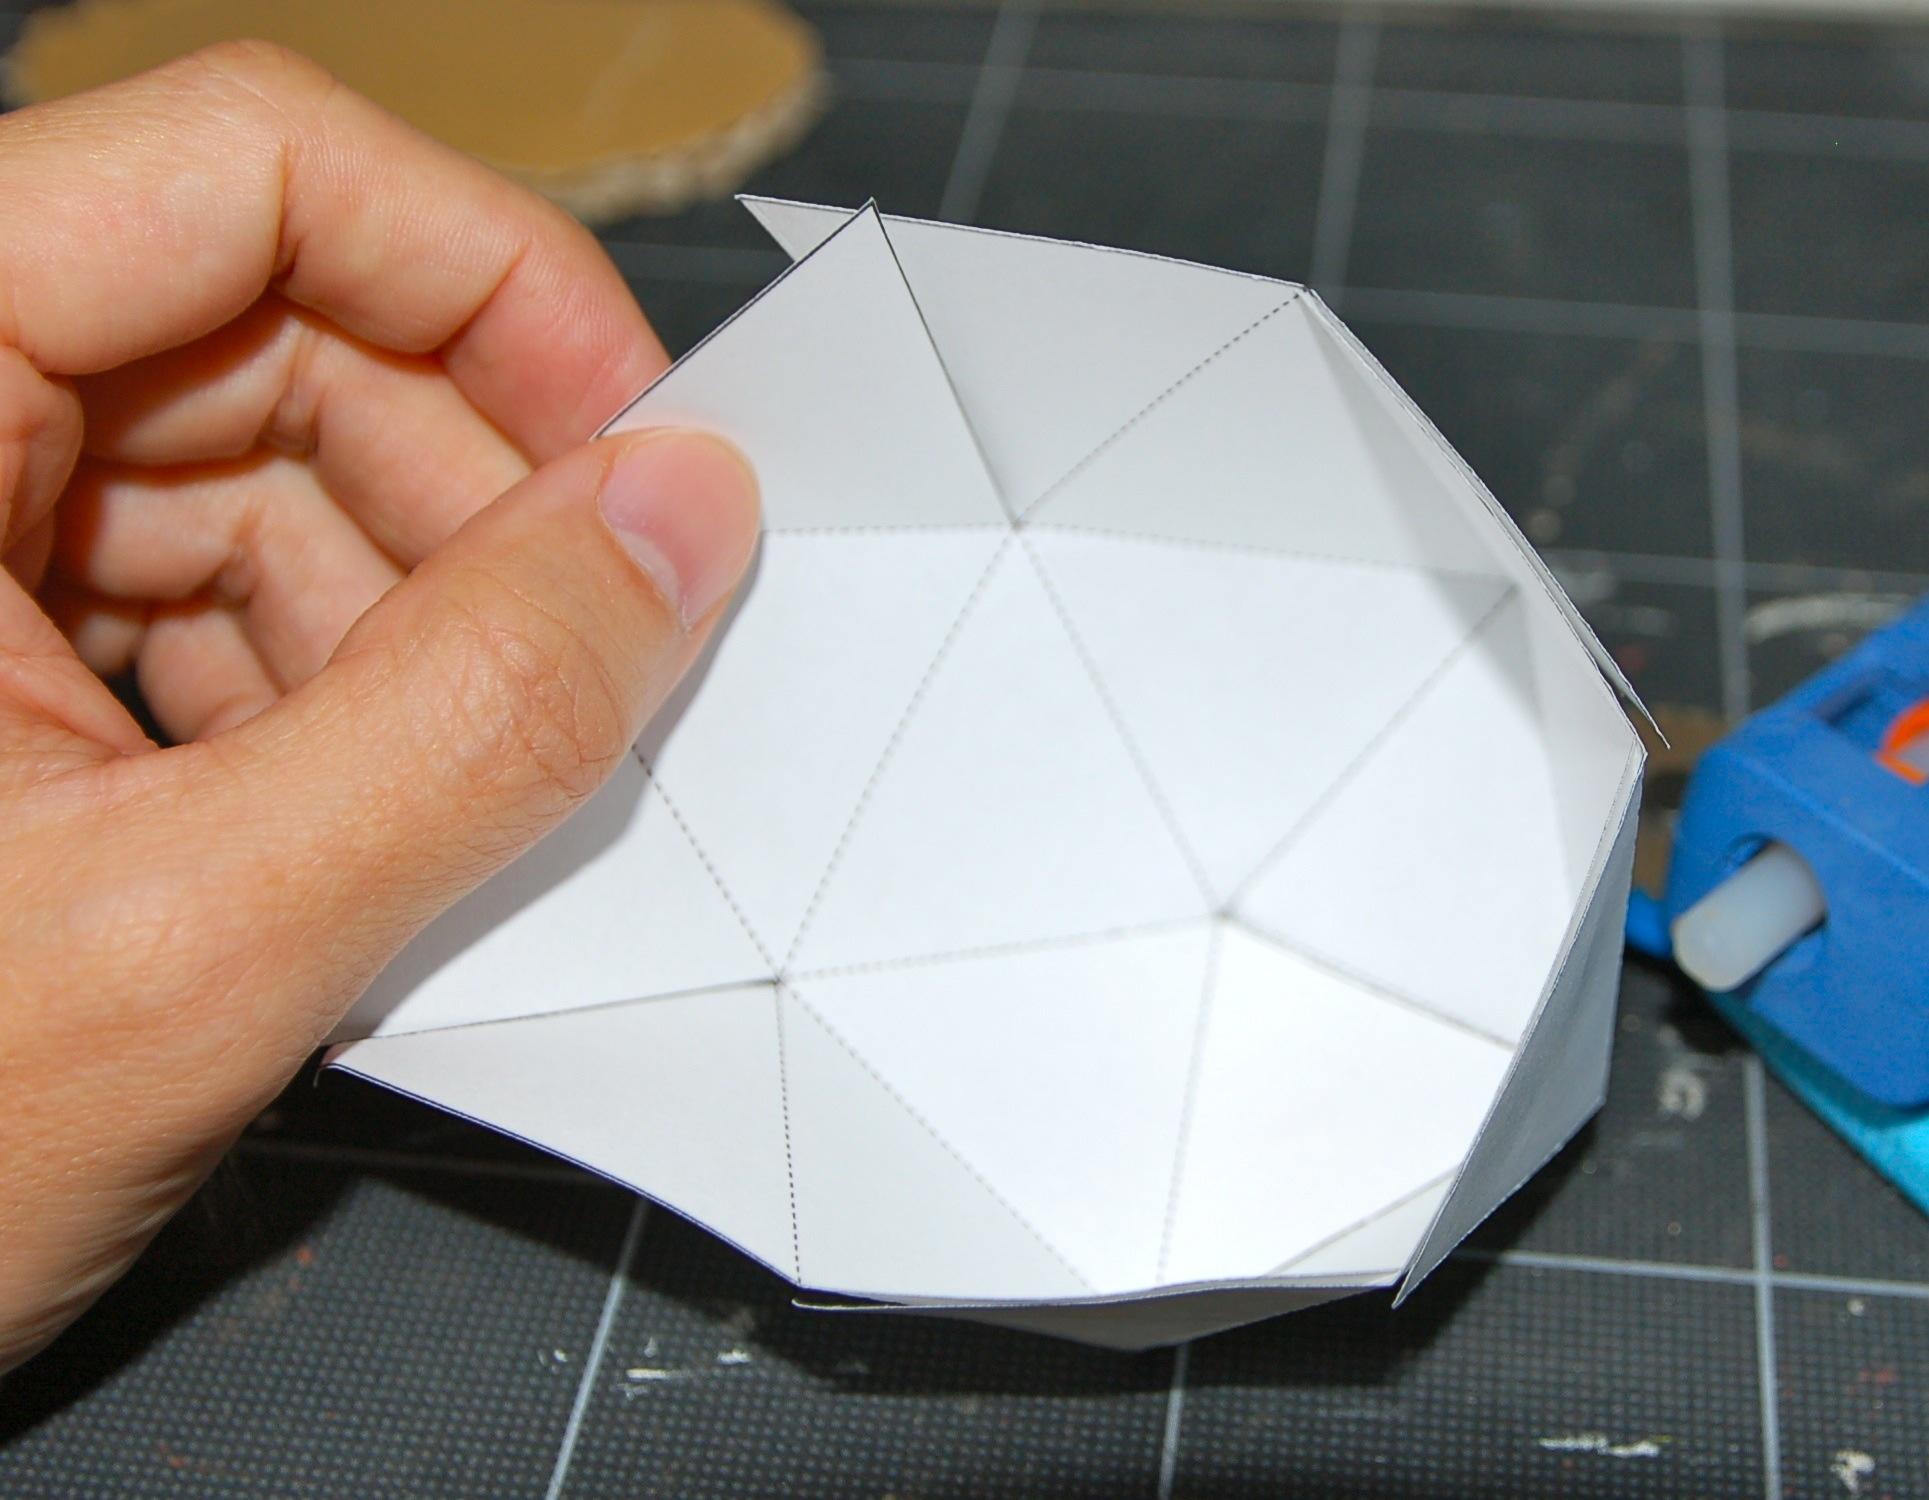 隣り合った三角形を重ねて接着していきます。